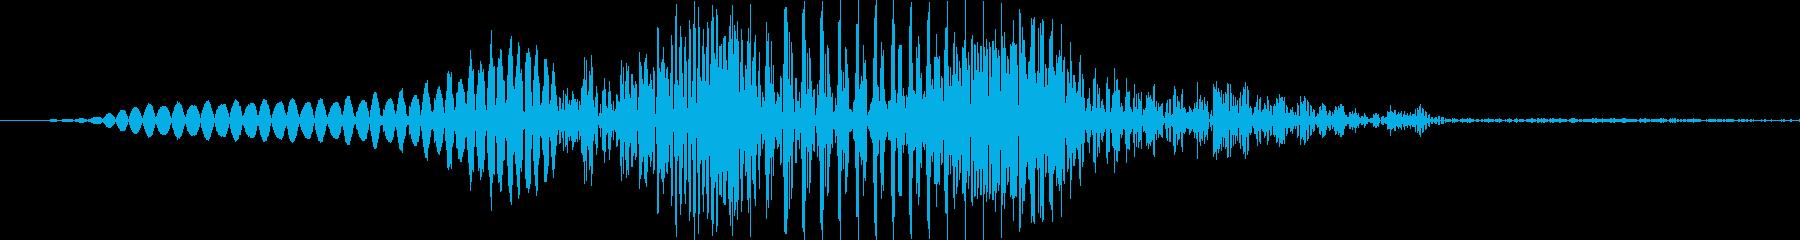 アメリカ人女性「Ya!(ヤッ!)」's reproduced waveform